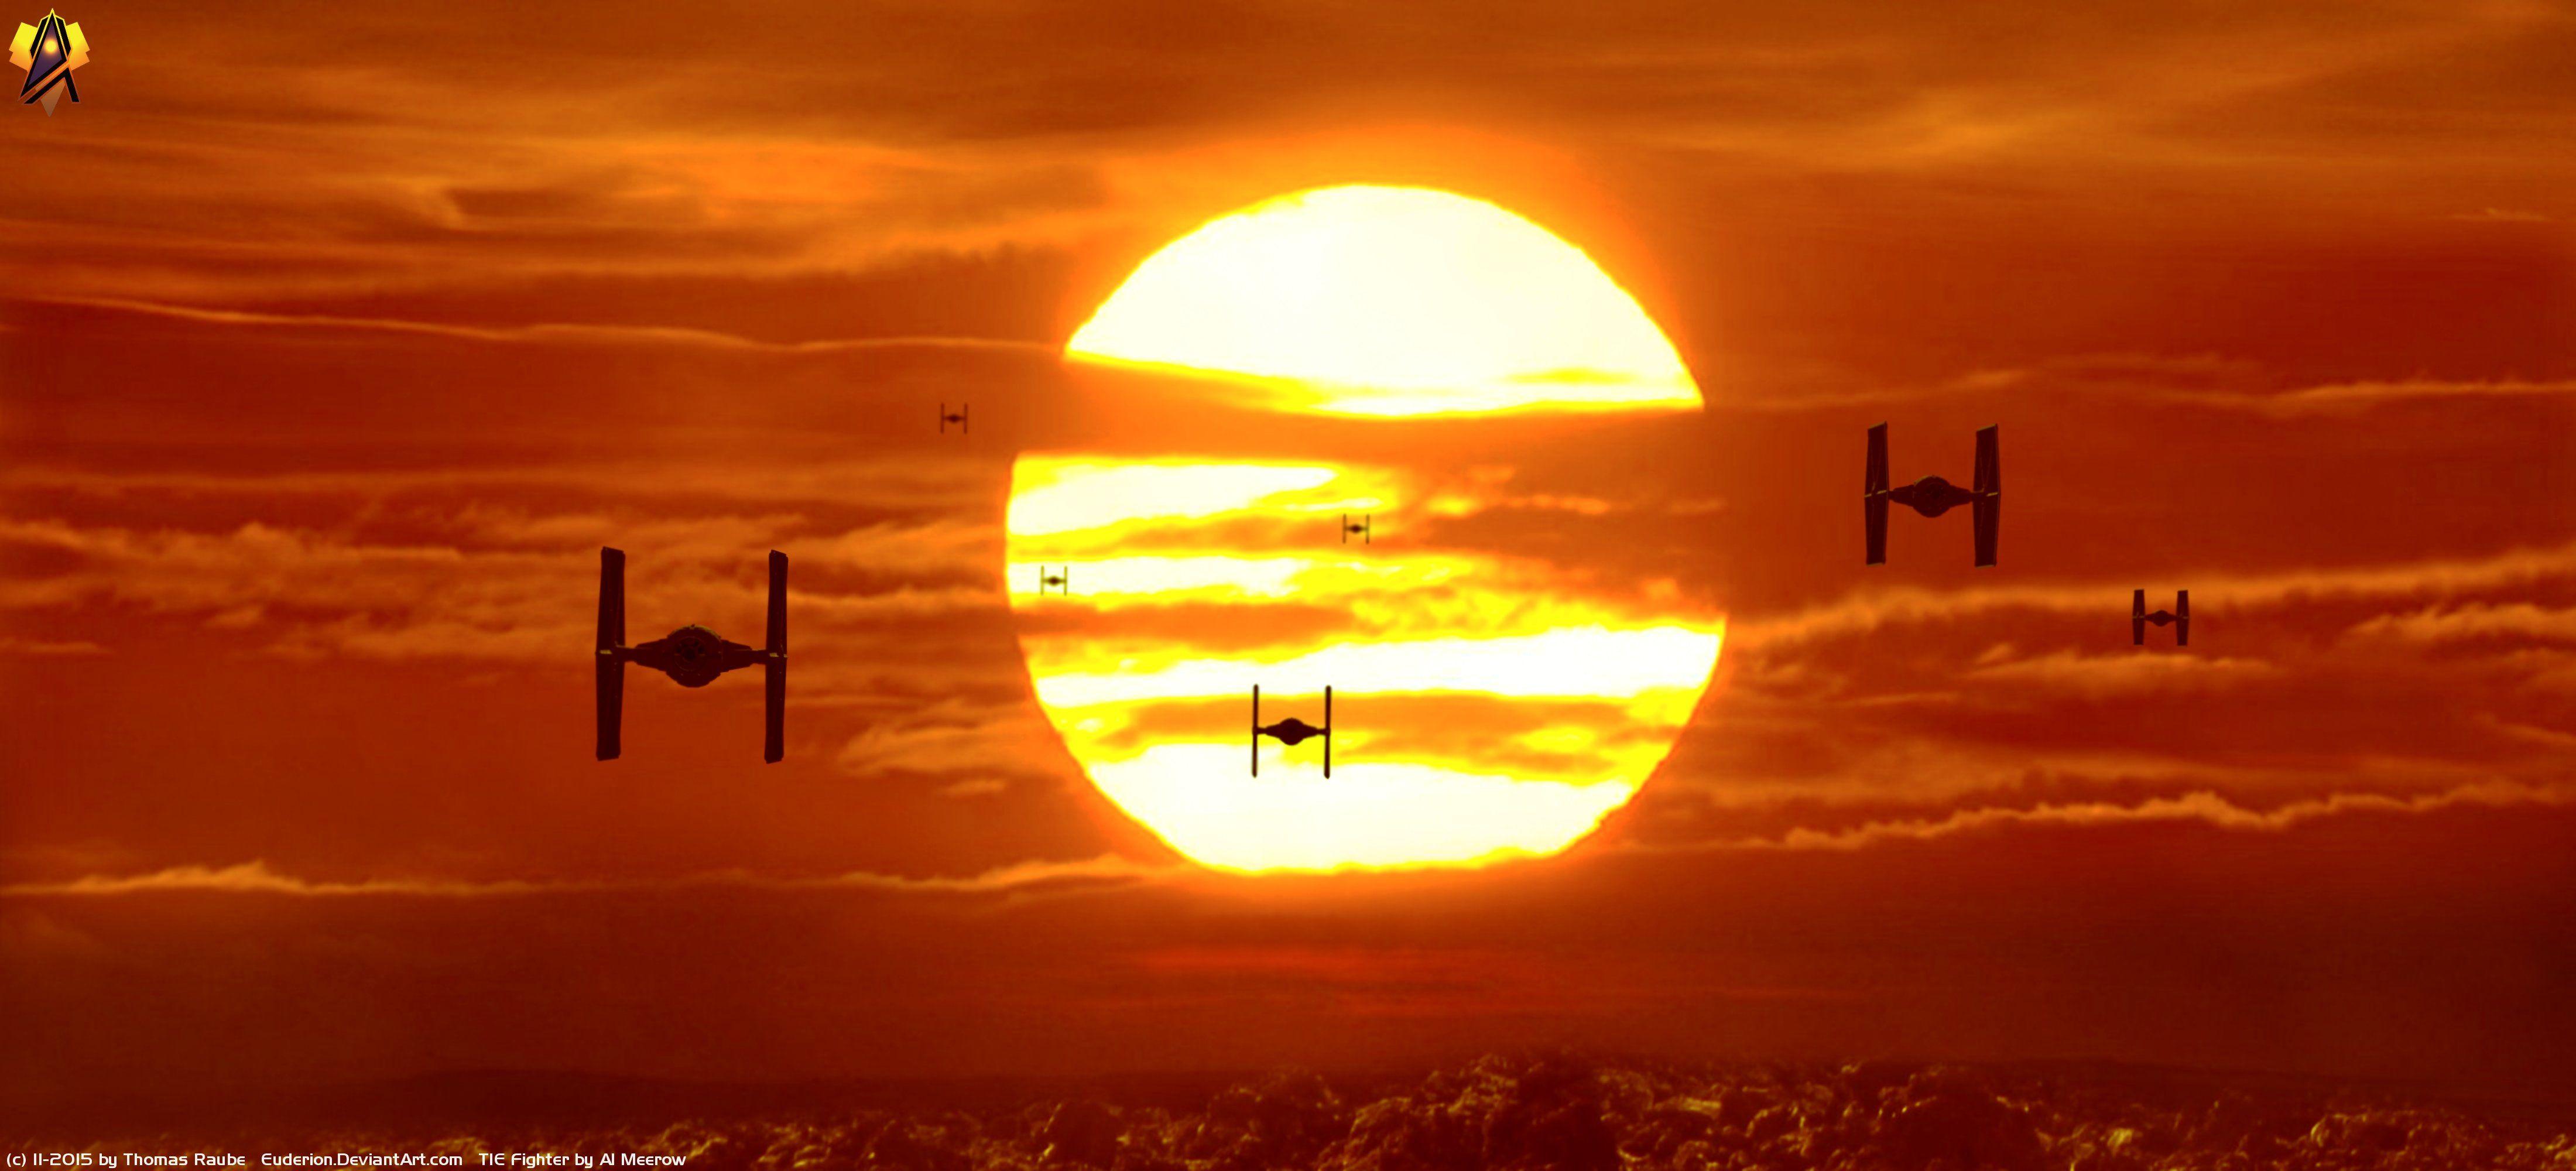 movie star wars episode vii: the force awakens star wars tie fighter